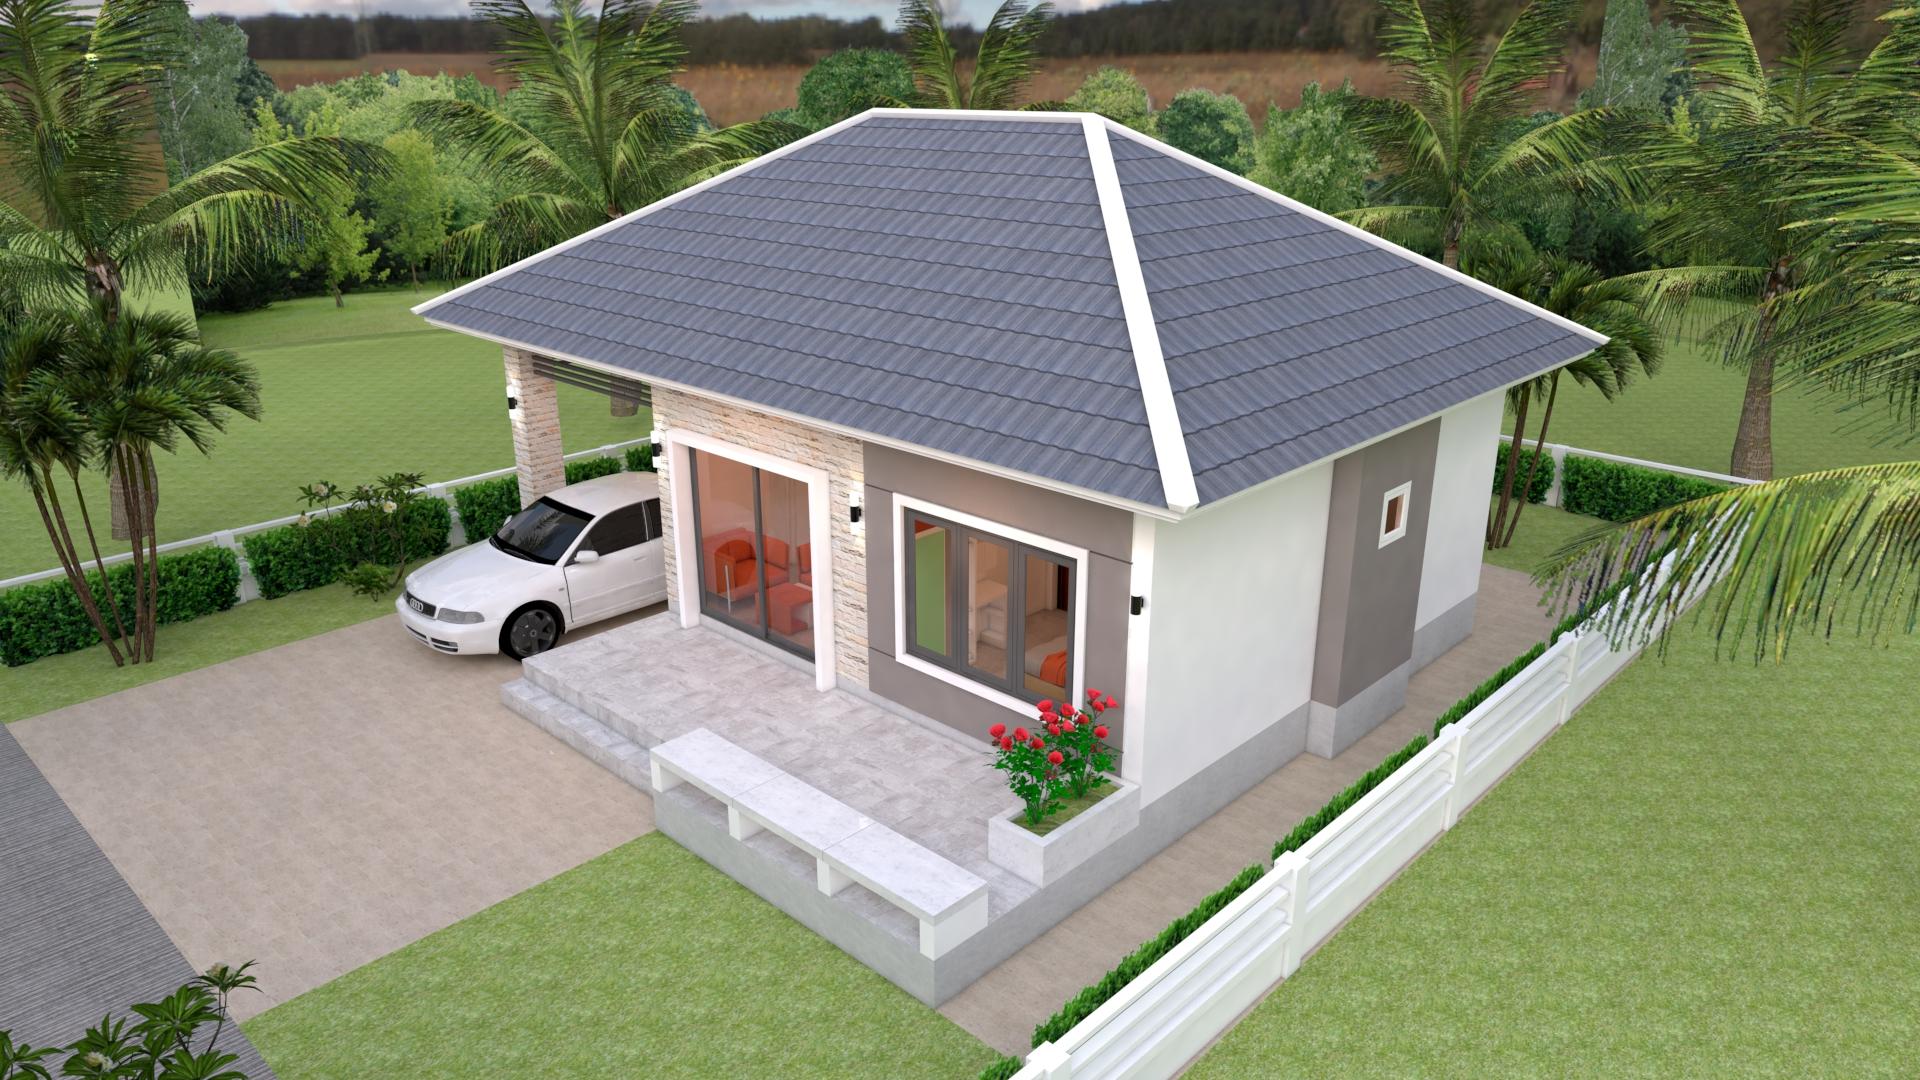 House Floor Plans 11x7 Meter 36x23 Feet 3 Beds 5